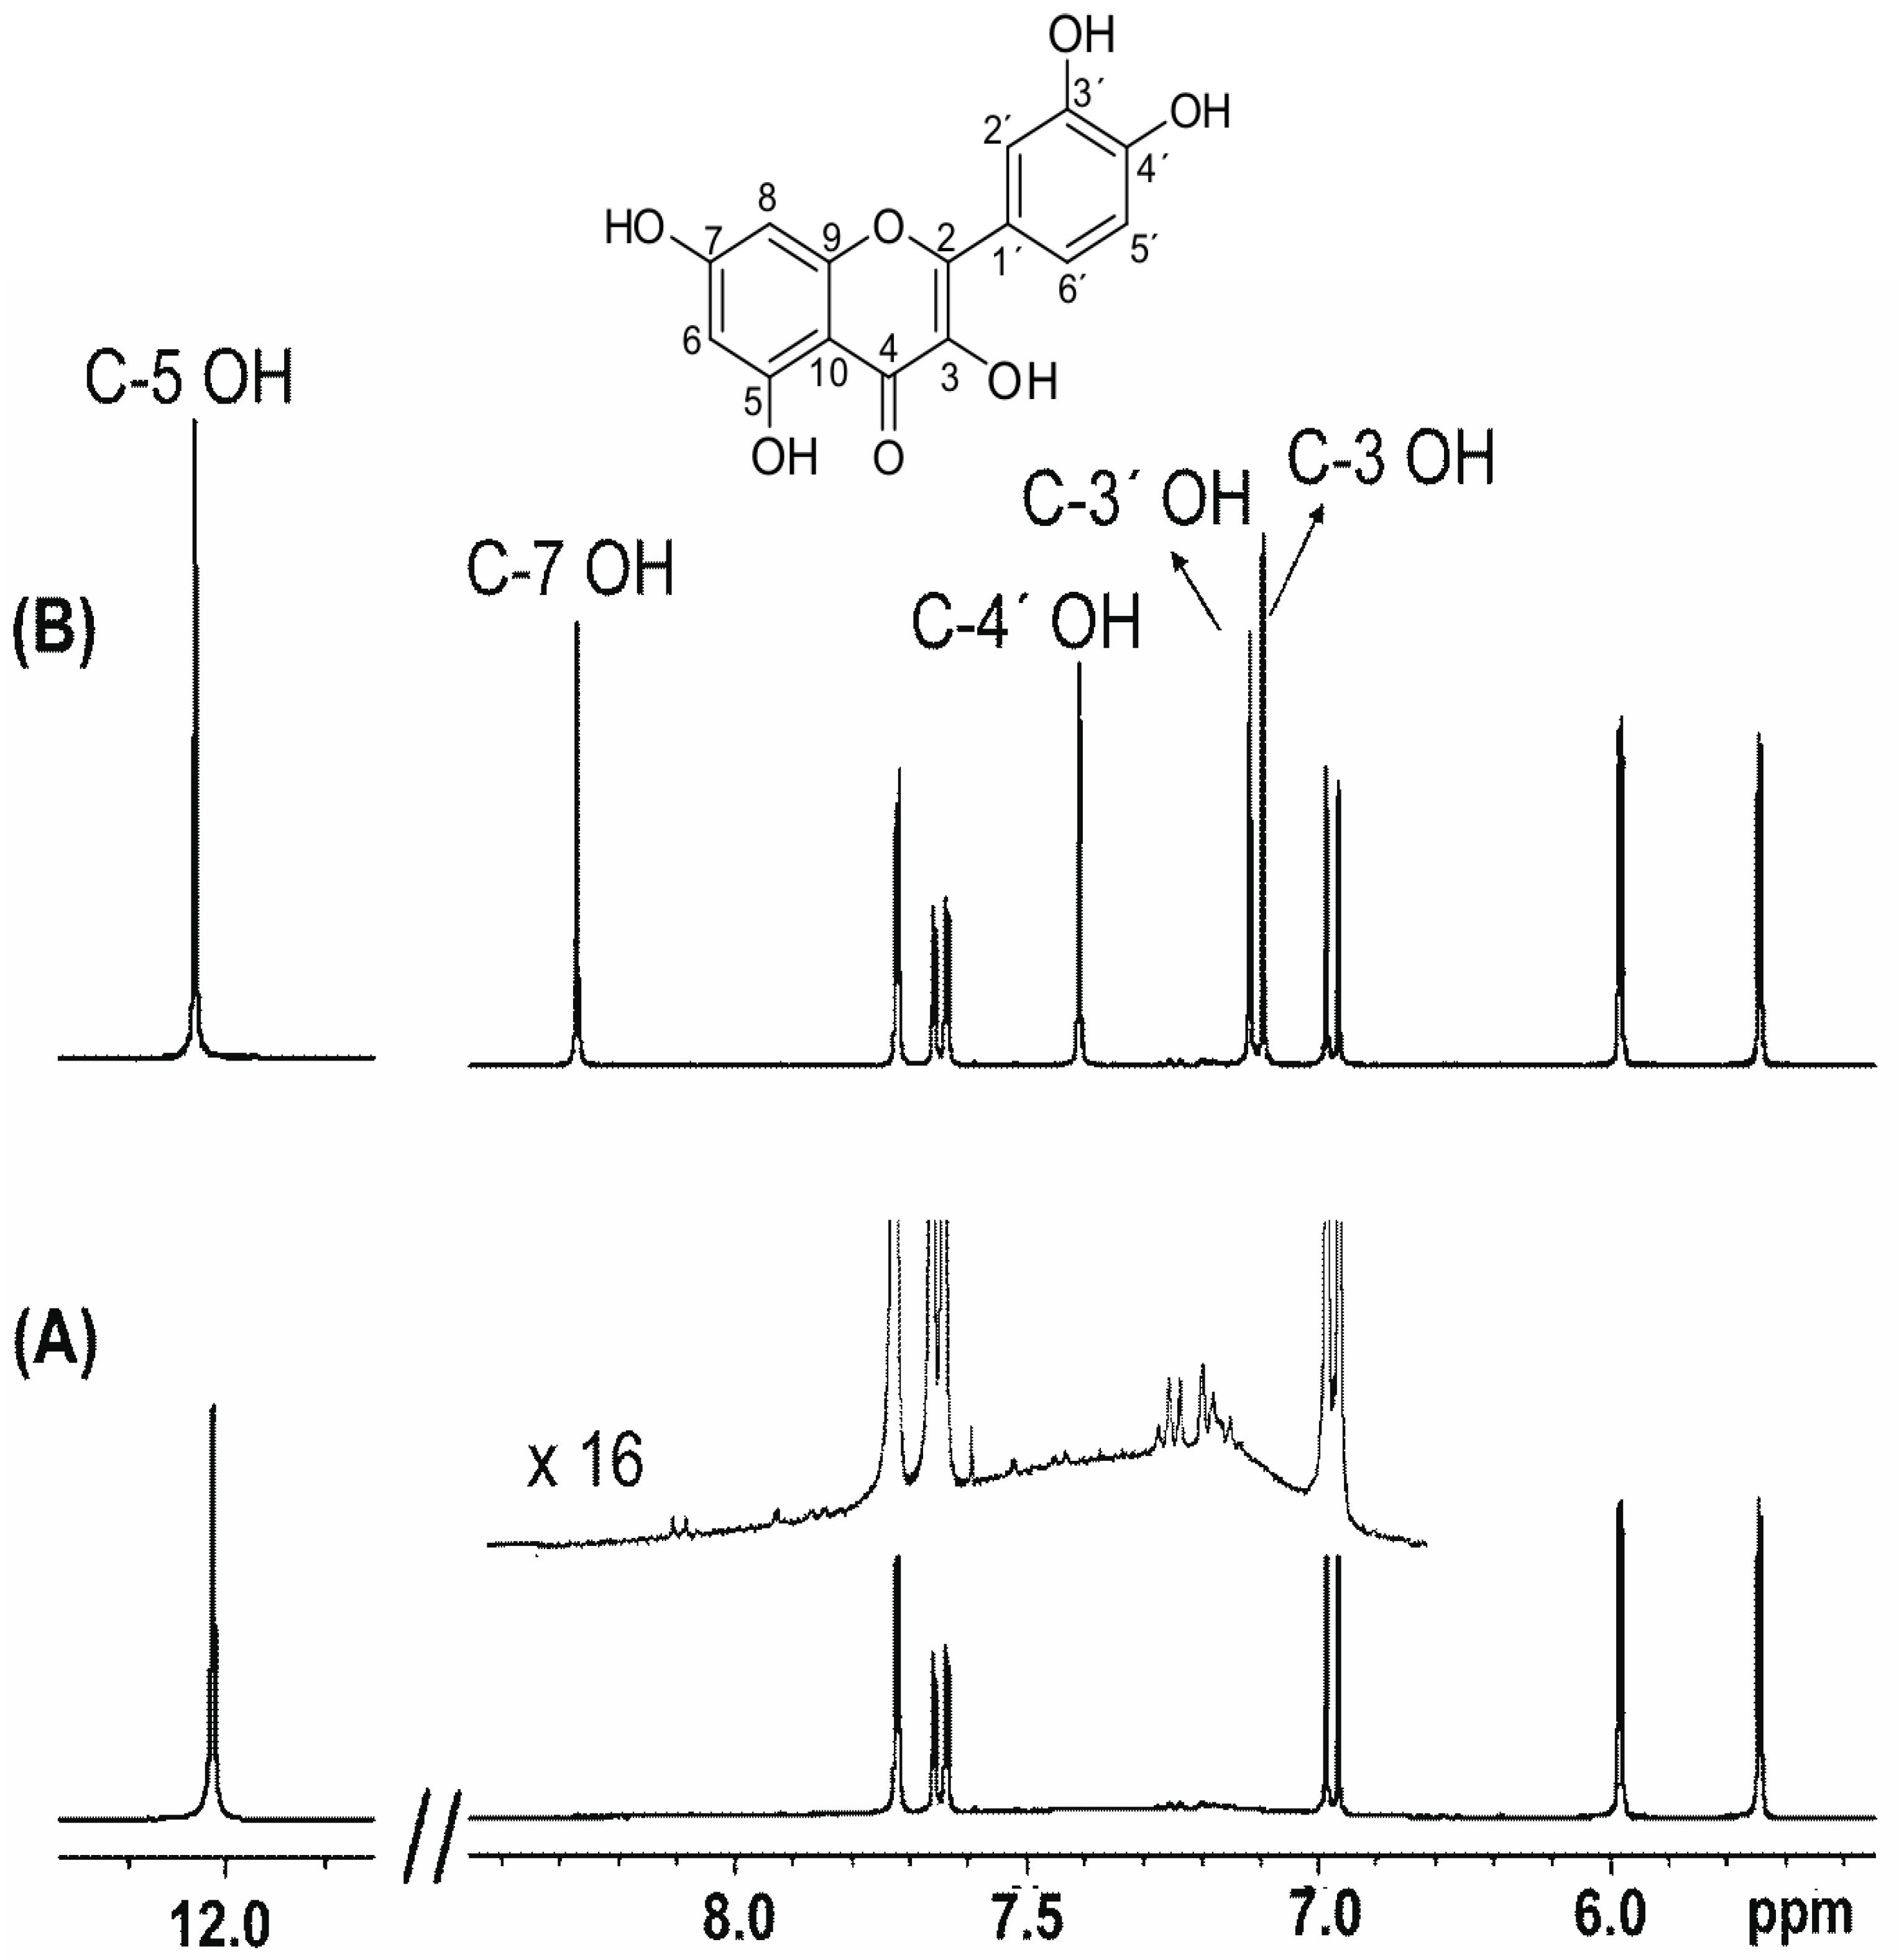 proton nmr values chart